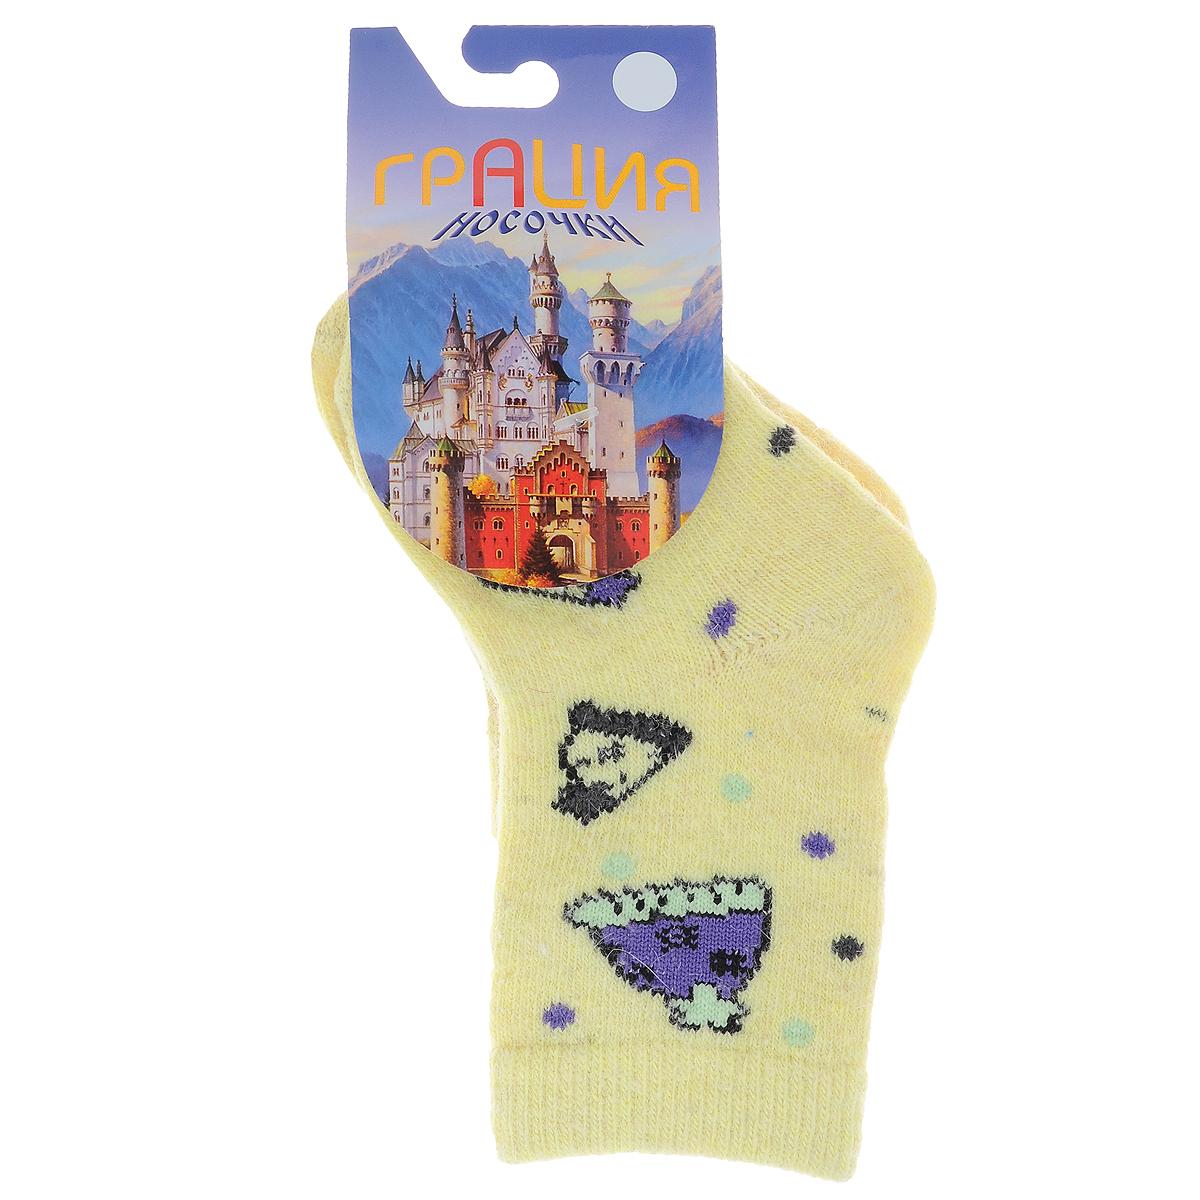 Носки детские. Д 2303Д 2303_10Детские теплые носки Грация - прекрасный вариант для вашего ребенка. Они изготовлены из экологически чистой пряжи смешанного состава, очень мягкие на ощупь, не раздражают даже самую нежную и чувствительную кожу. Носки имеют анатомическую двубортную резинку и плоский шов на мыске. Оформлена модель вязаным рисунком в виде шапочек и цветных горошин. Они послужат замечательным дополнением к детскому гардеробу и сохранят ножки вашего ребенка в тепле!